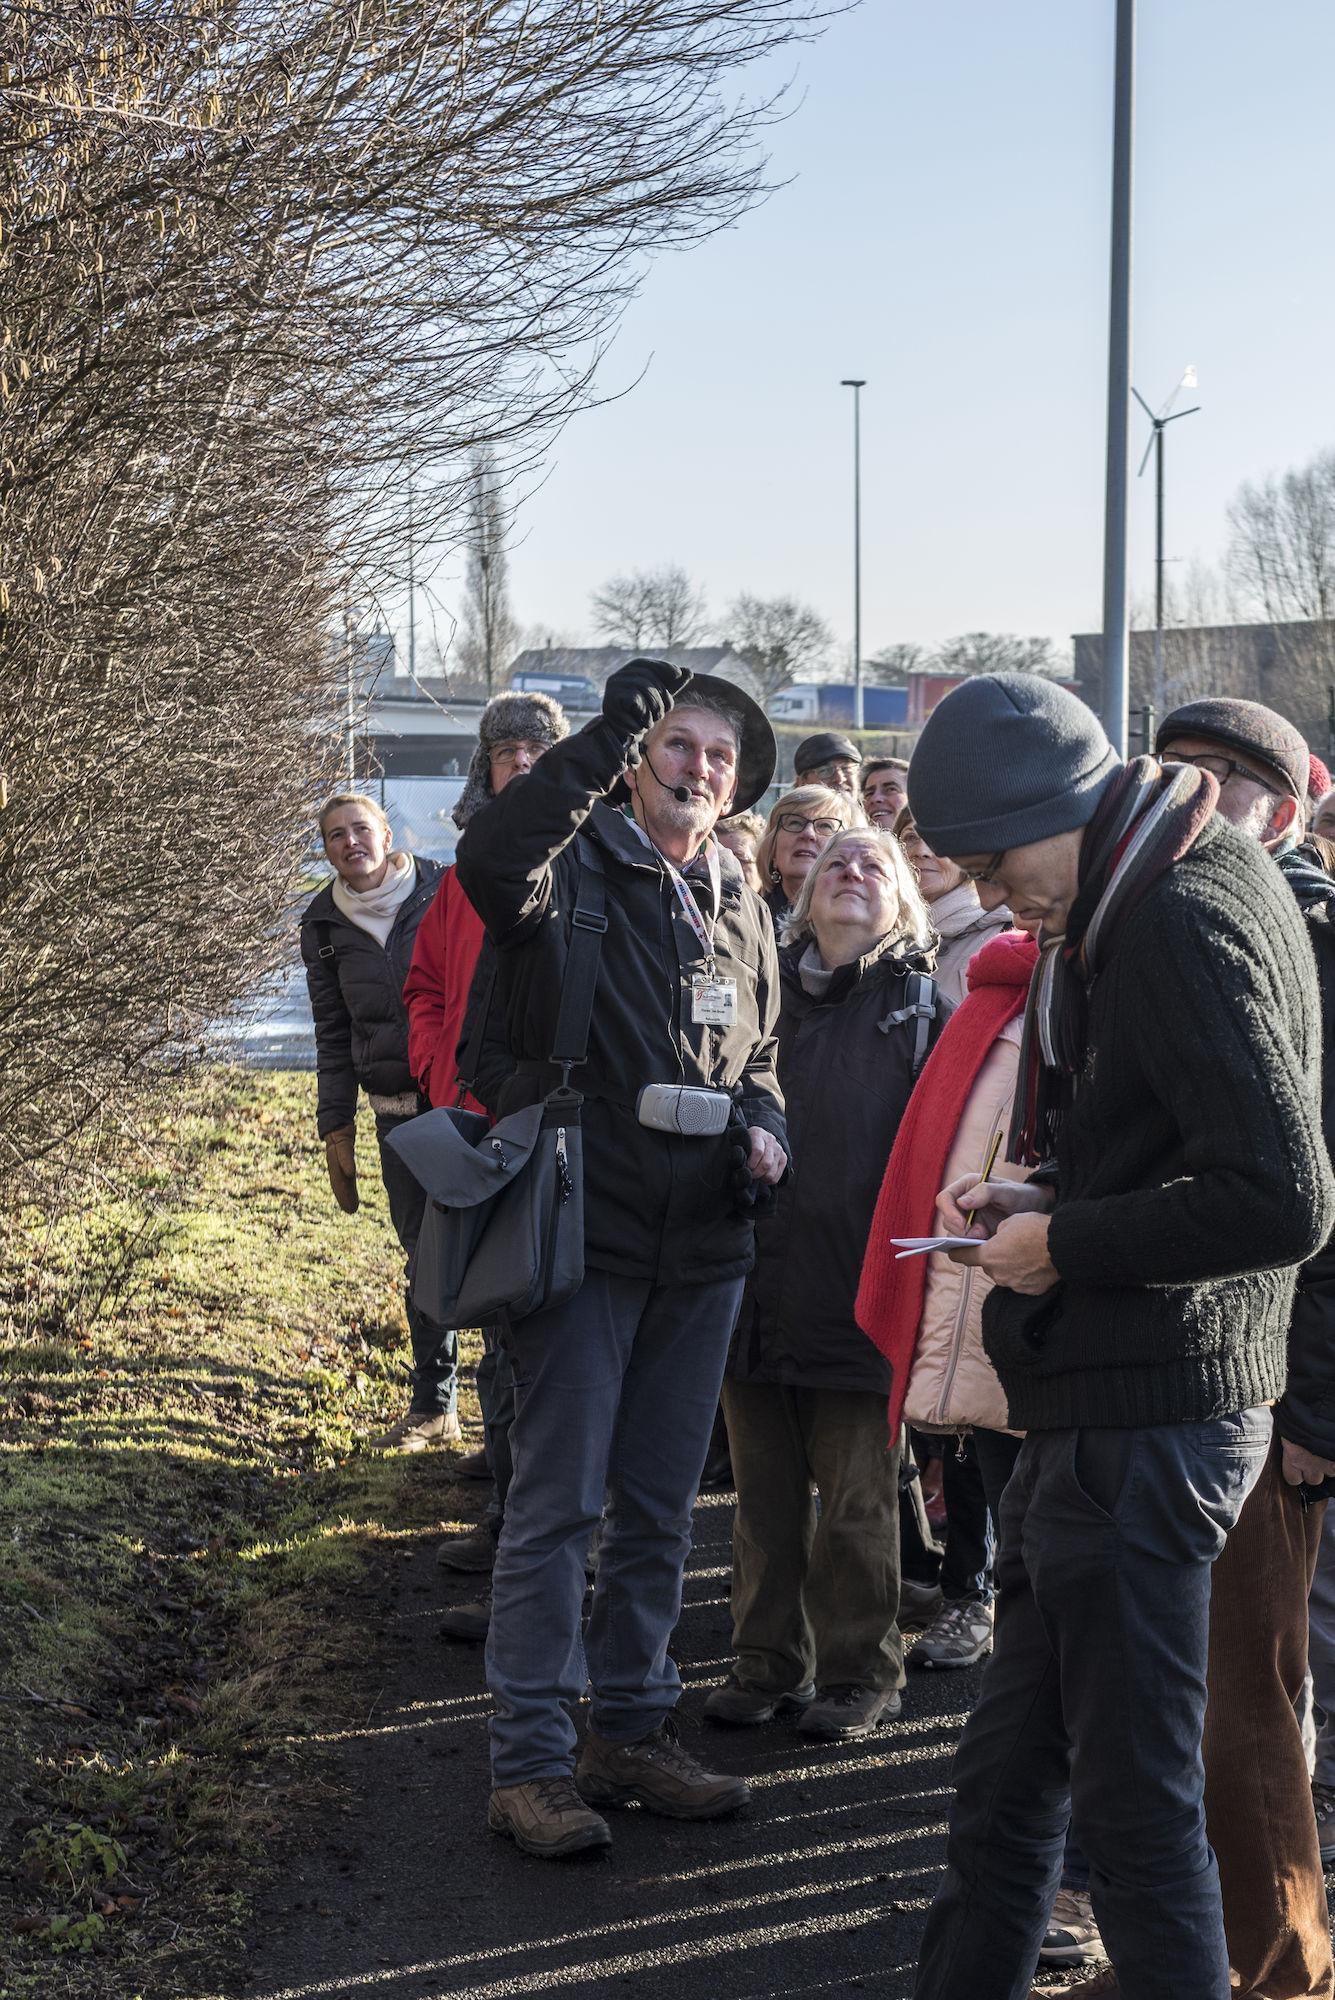 20190203 De Brielmeersen winterwandeling met gids 00006.jpg